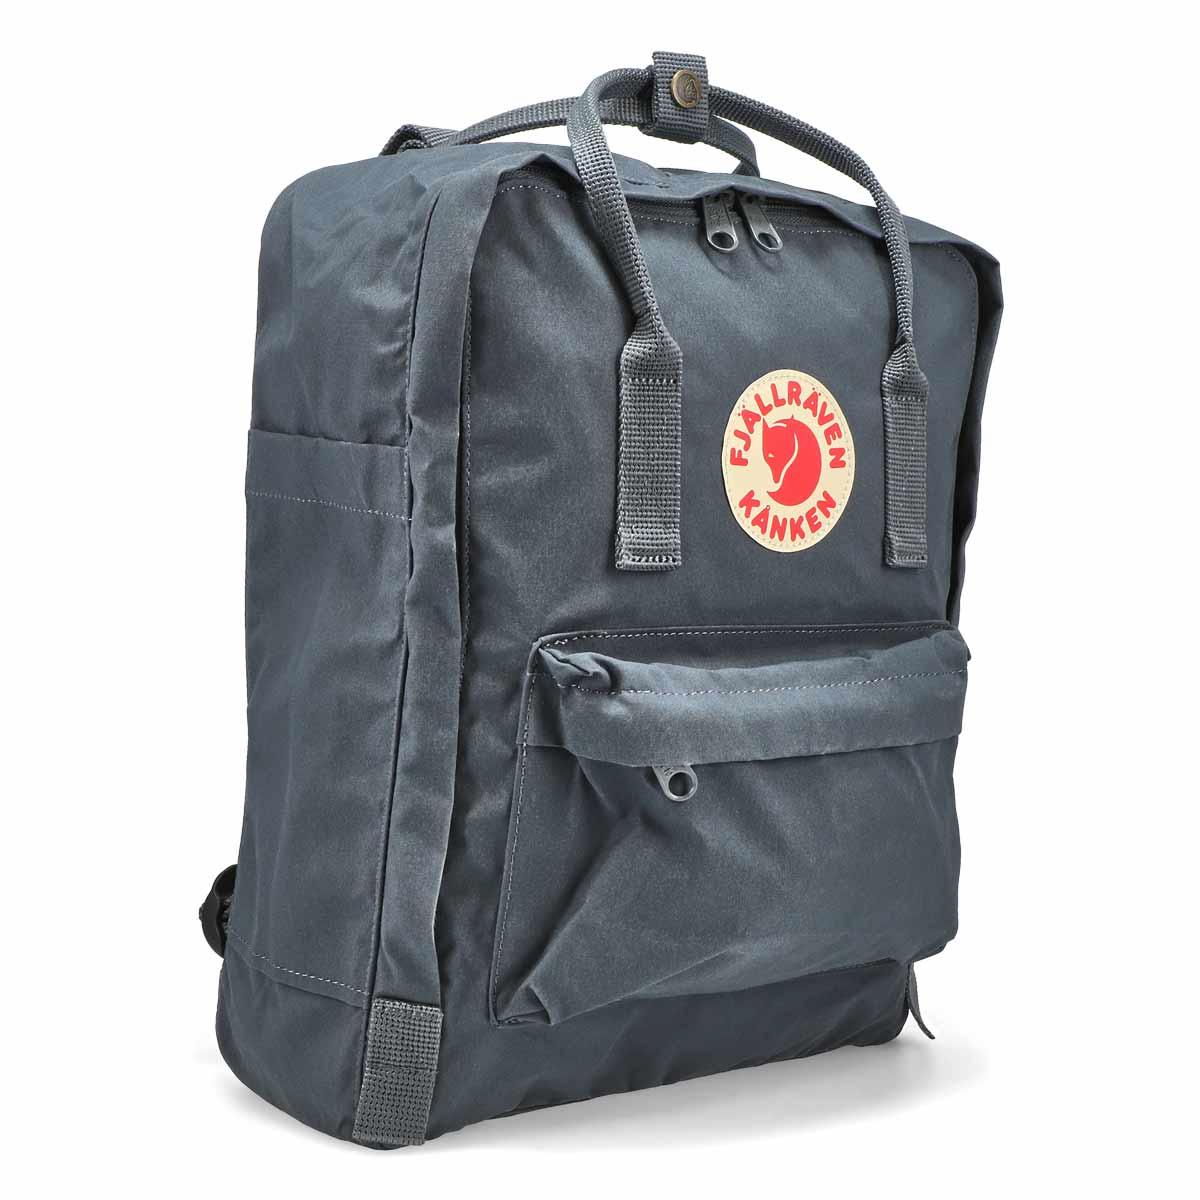 Fjallraven Kanken Backpack - Graphite